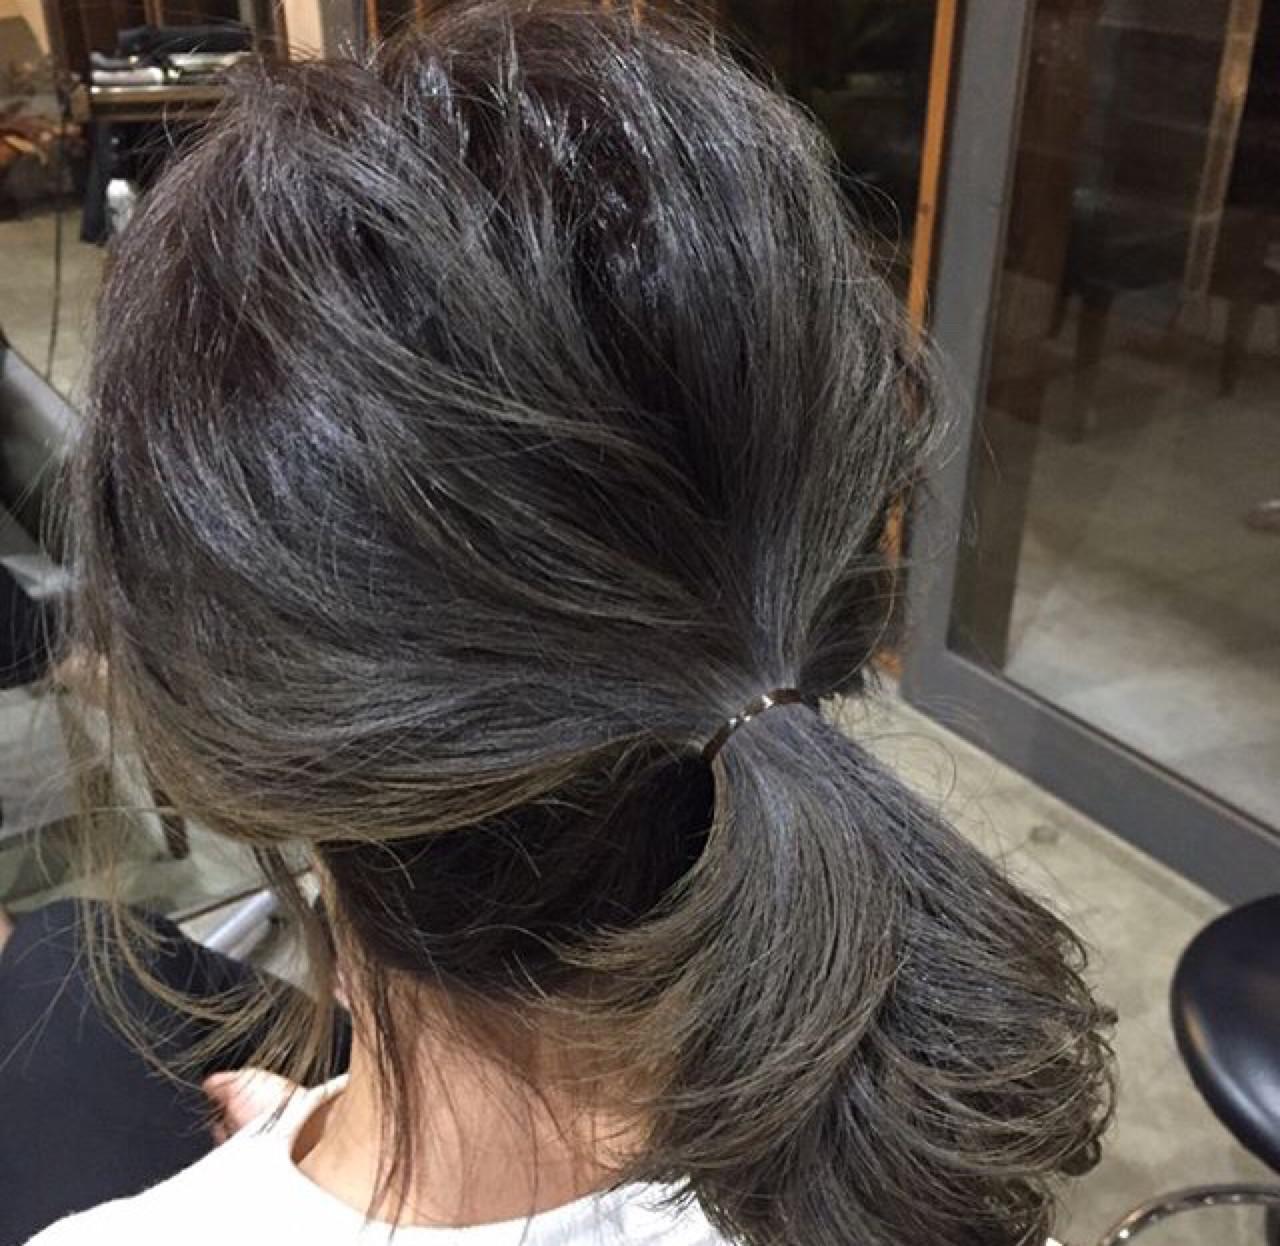 ミディアムさんの簡単ヘアアレンジ講座?基本の4スタイルを教えます 尾崎裕介  Quatre hair design